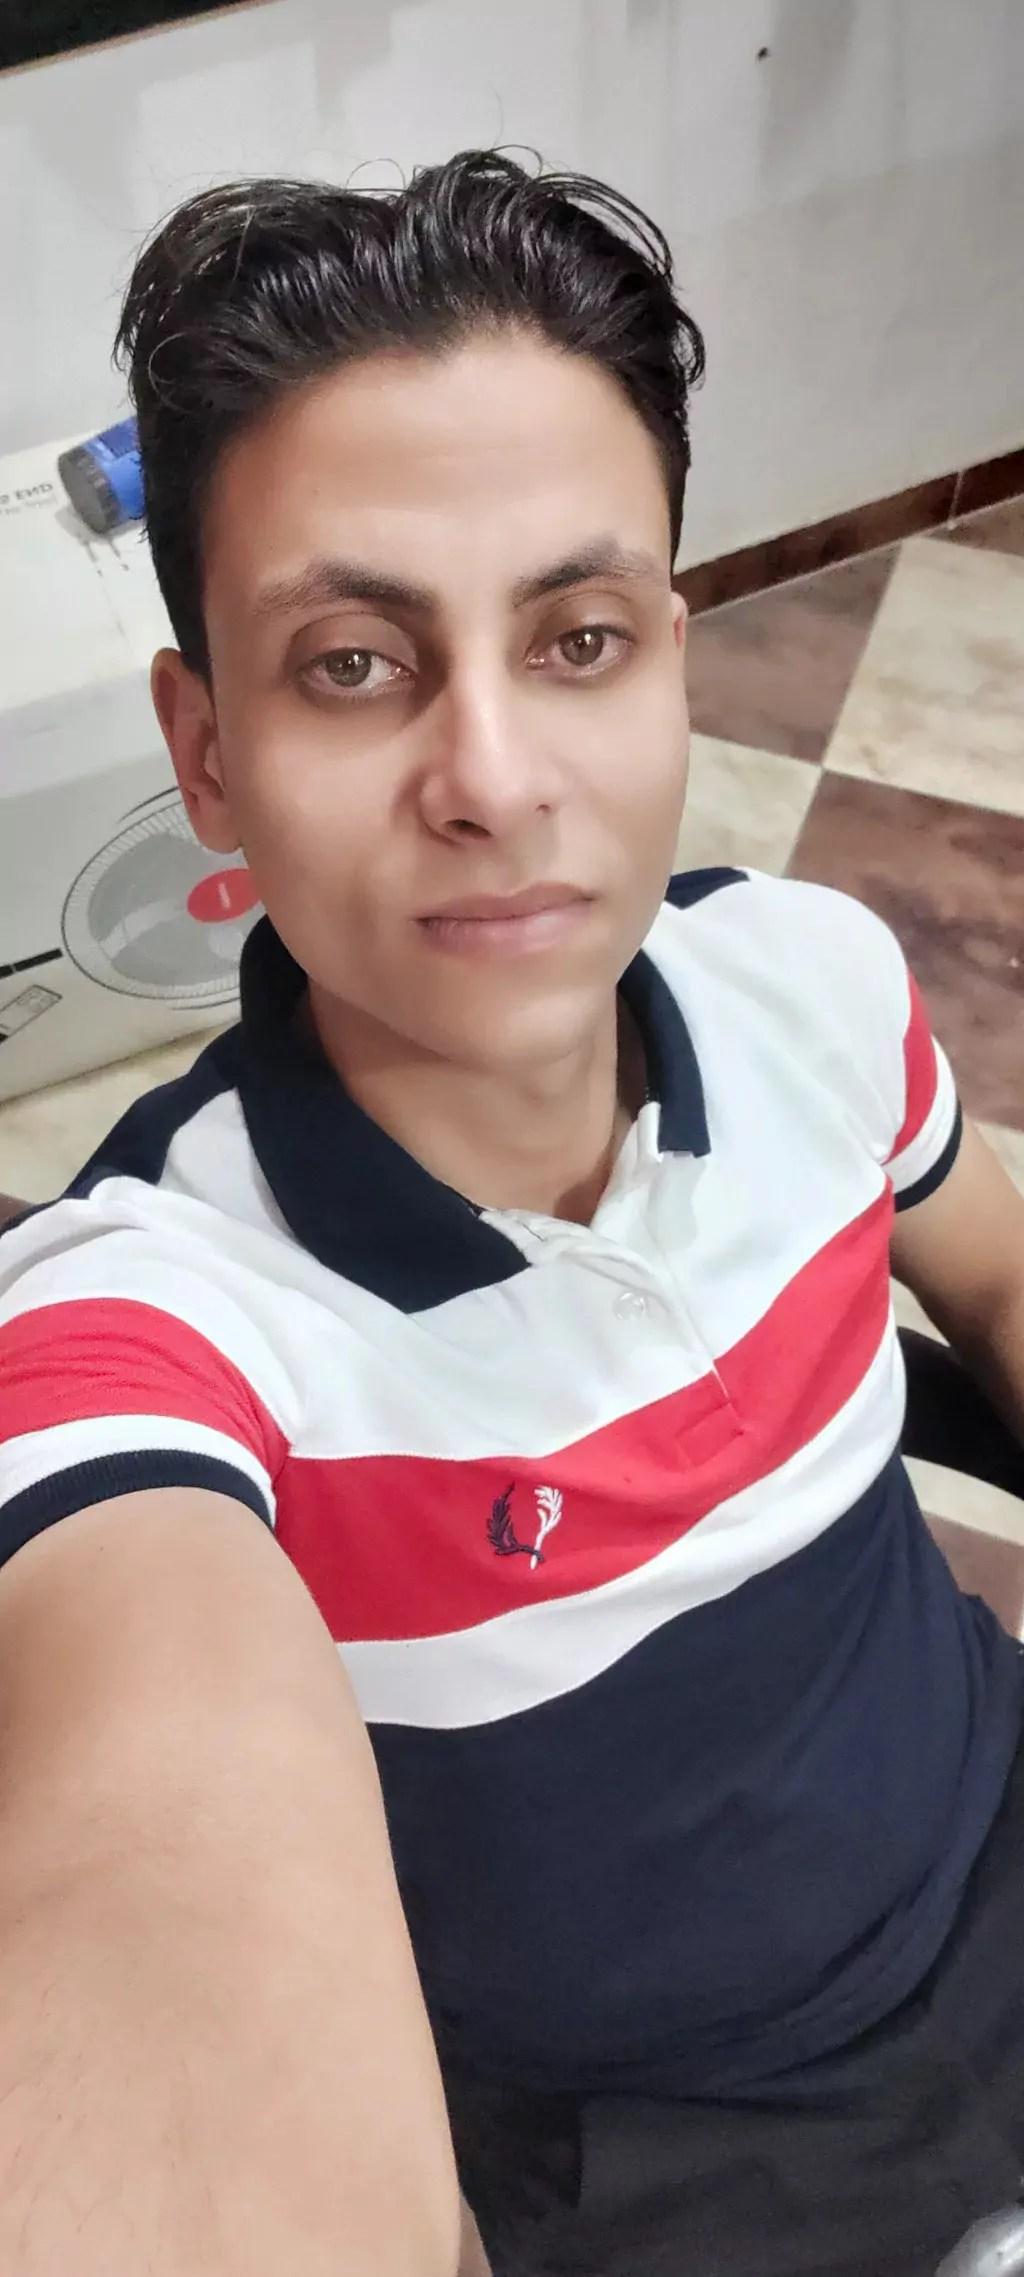 يطلب عمل سكرتارية في القاهرة الكبرى مصر – بدايه الخبر